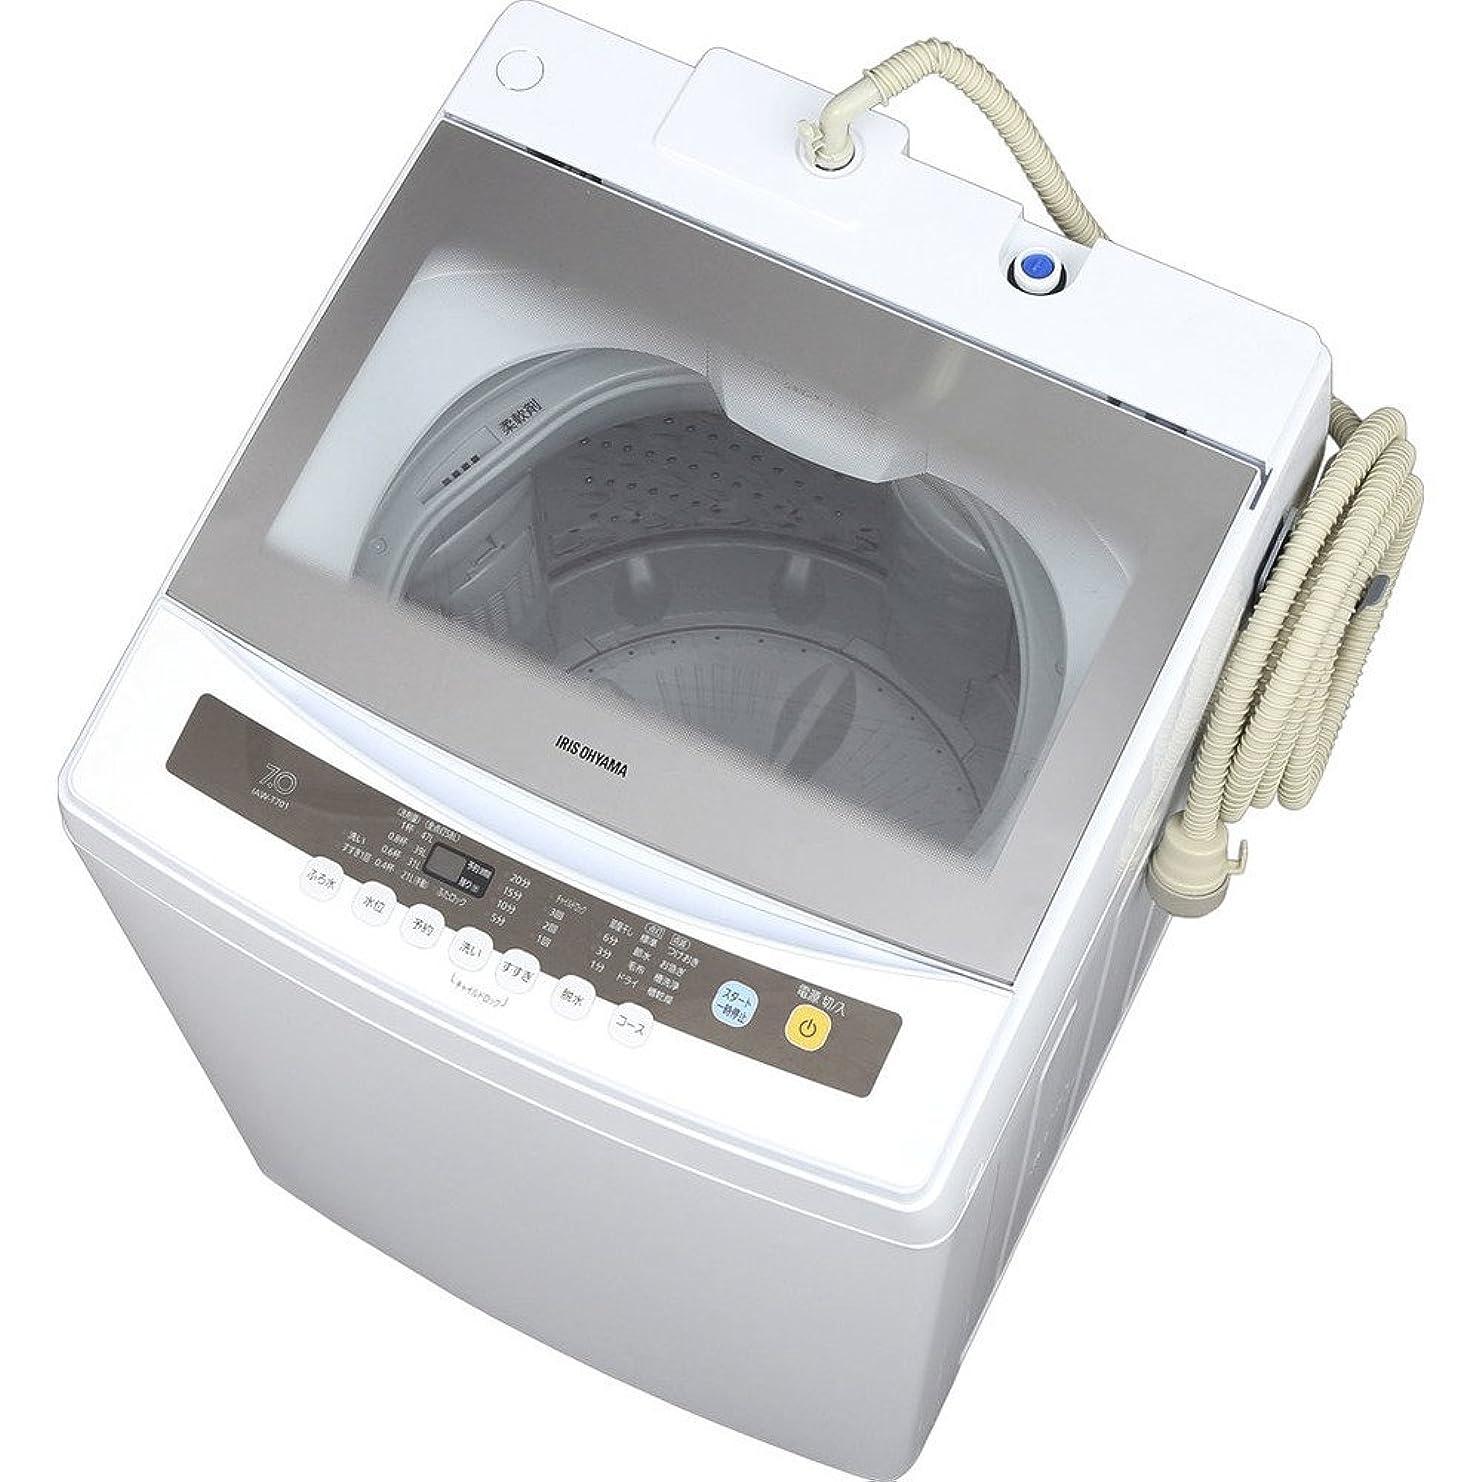 健康的強化大胆アイリスオーヤマ 全自動洗濯機 7kg 簡易乾燥機能付き IAW-T701